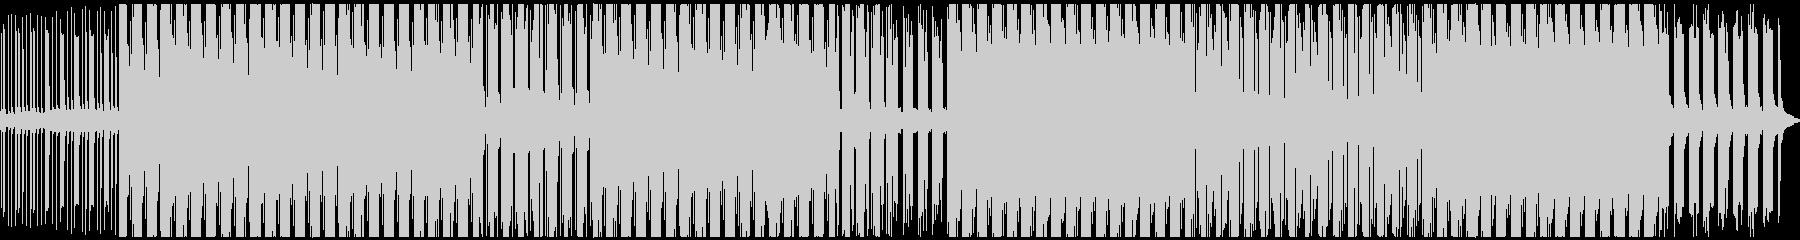 ノイジーなテクノミュージックです。の未再生の波形